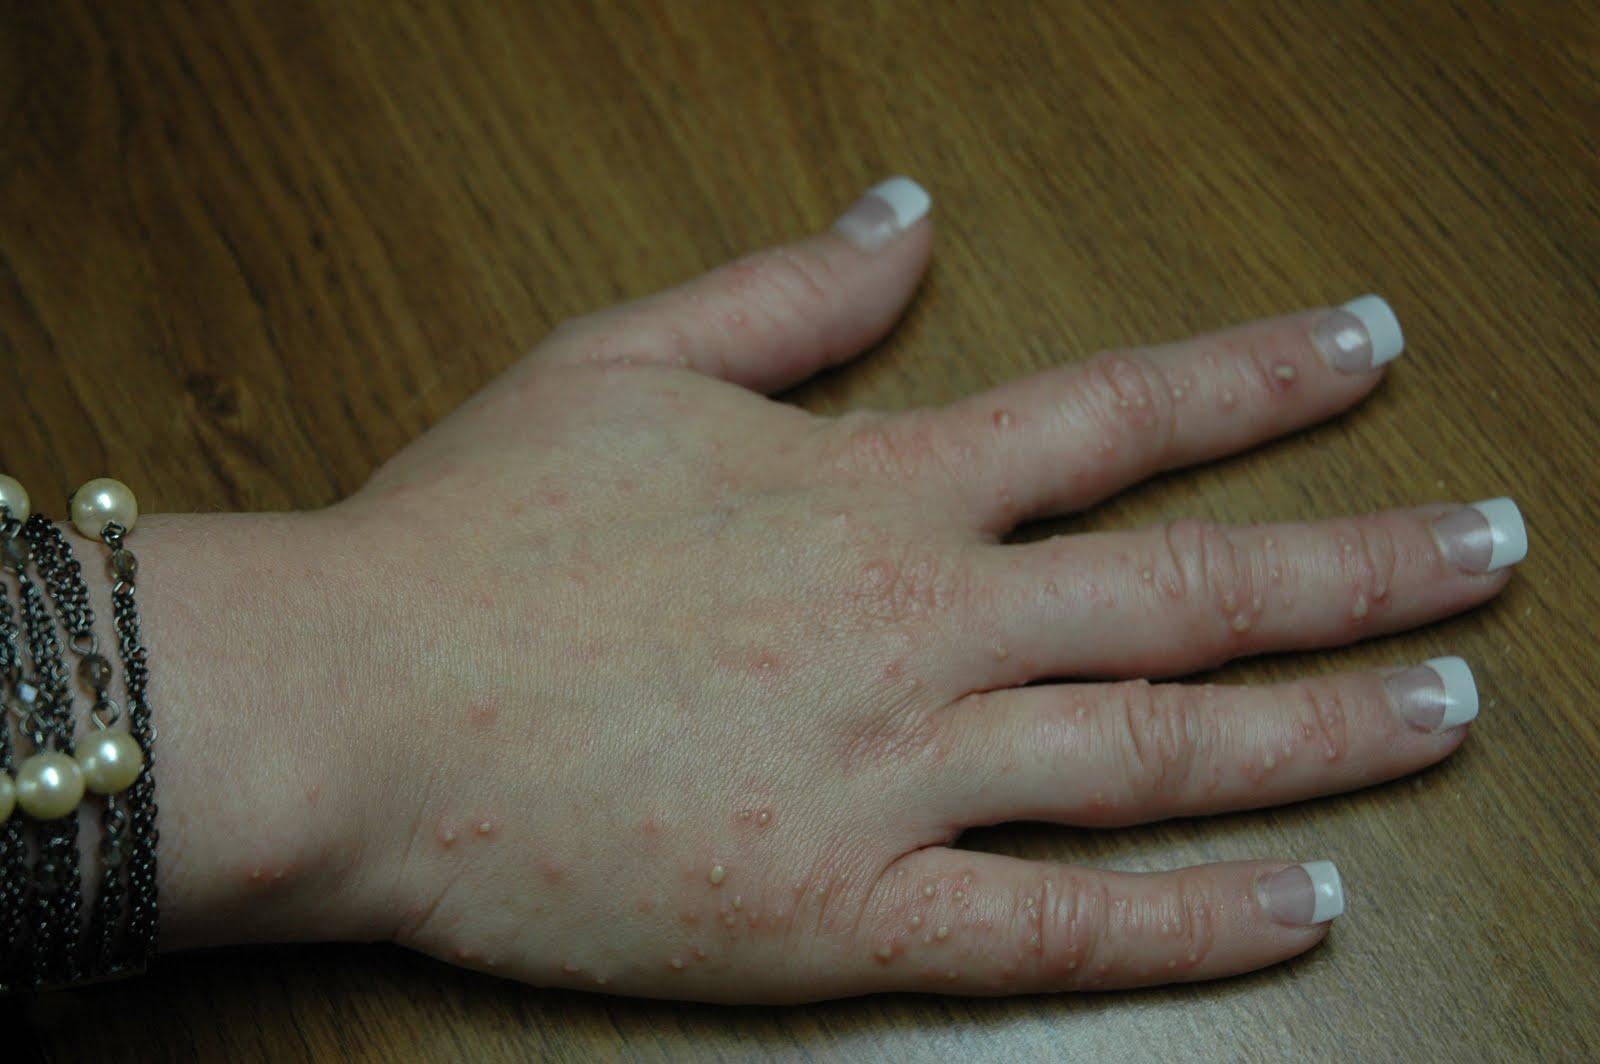 Fire Ant Bite Allergic Reaction Fire Ant Bite Allergic...